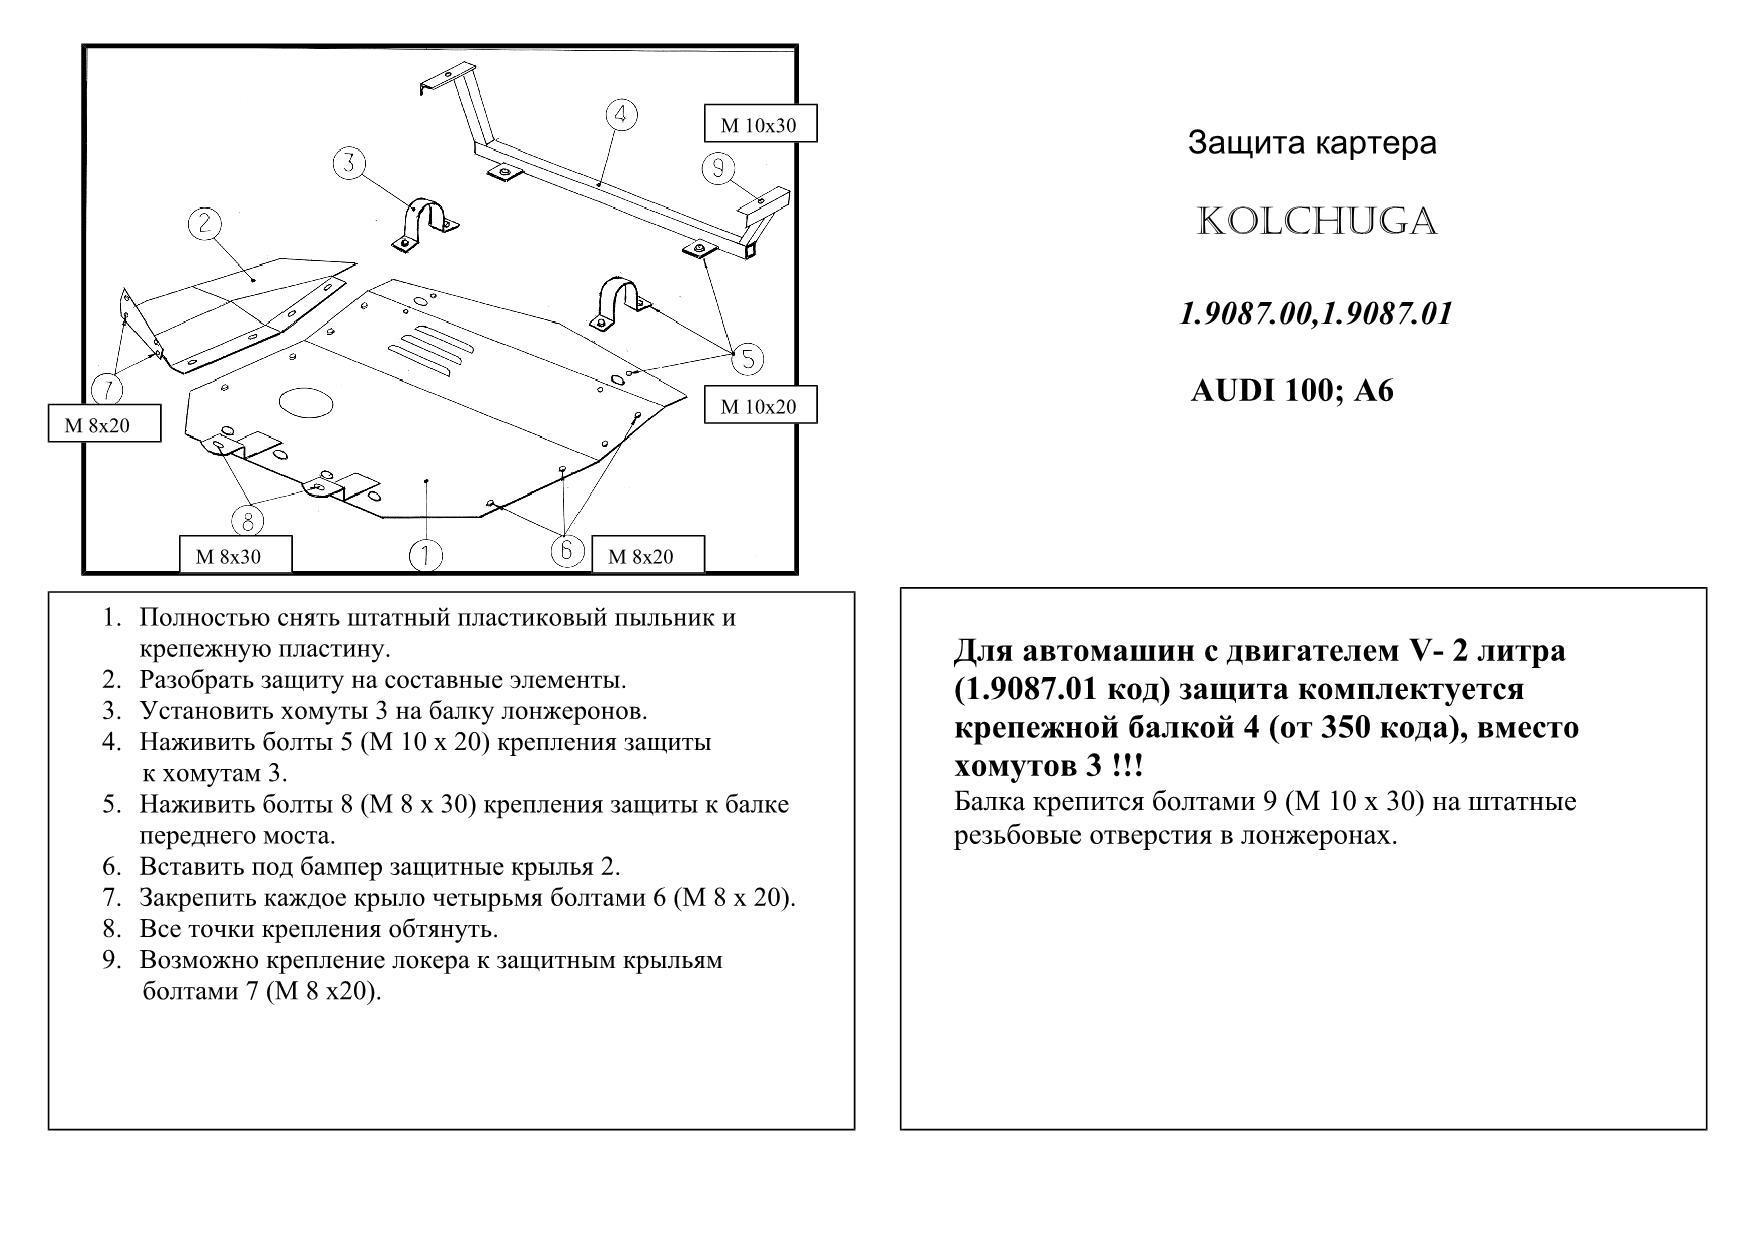 инструкция ауди 100 с4